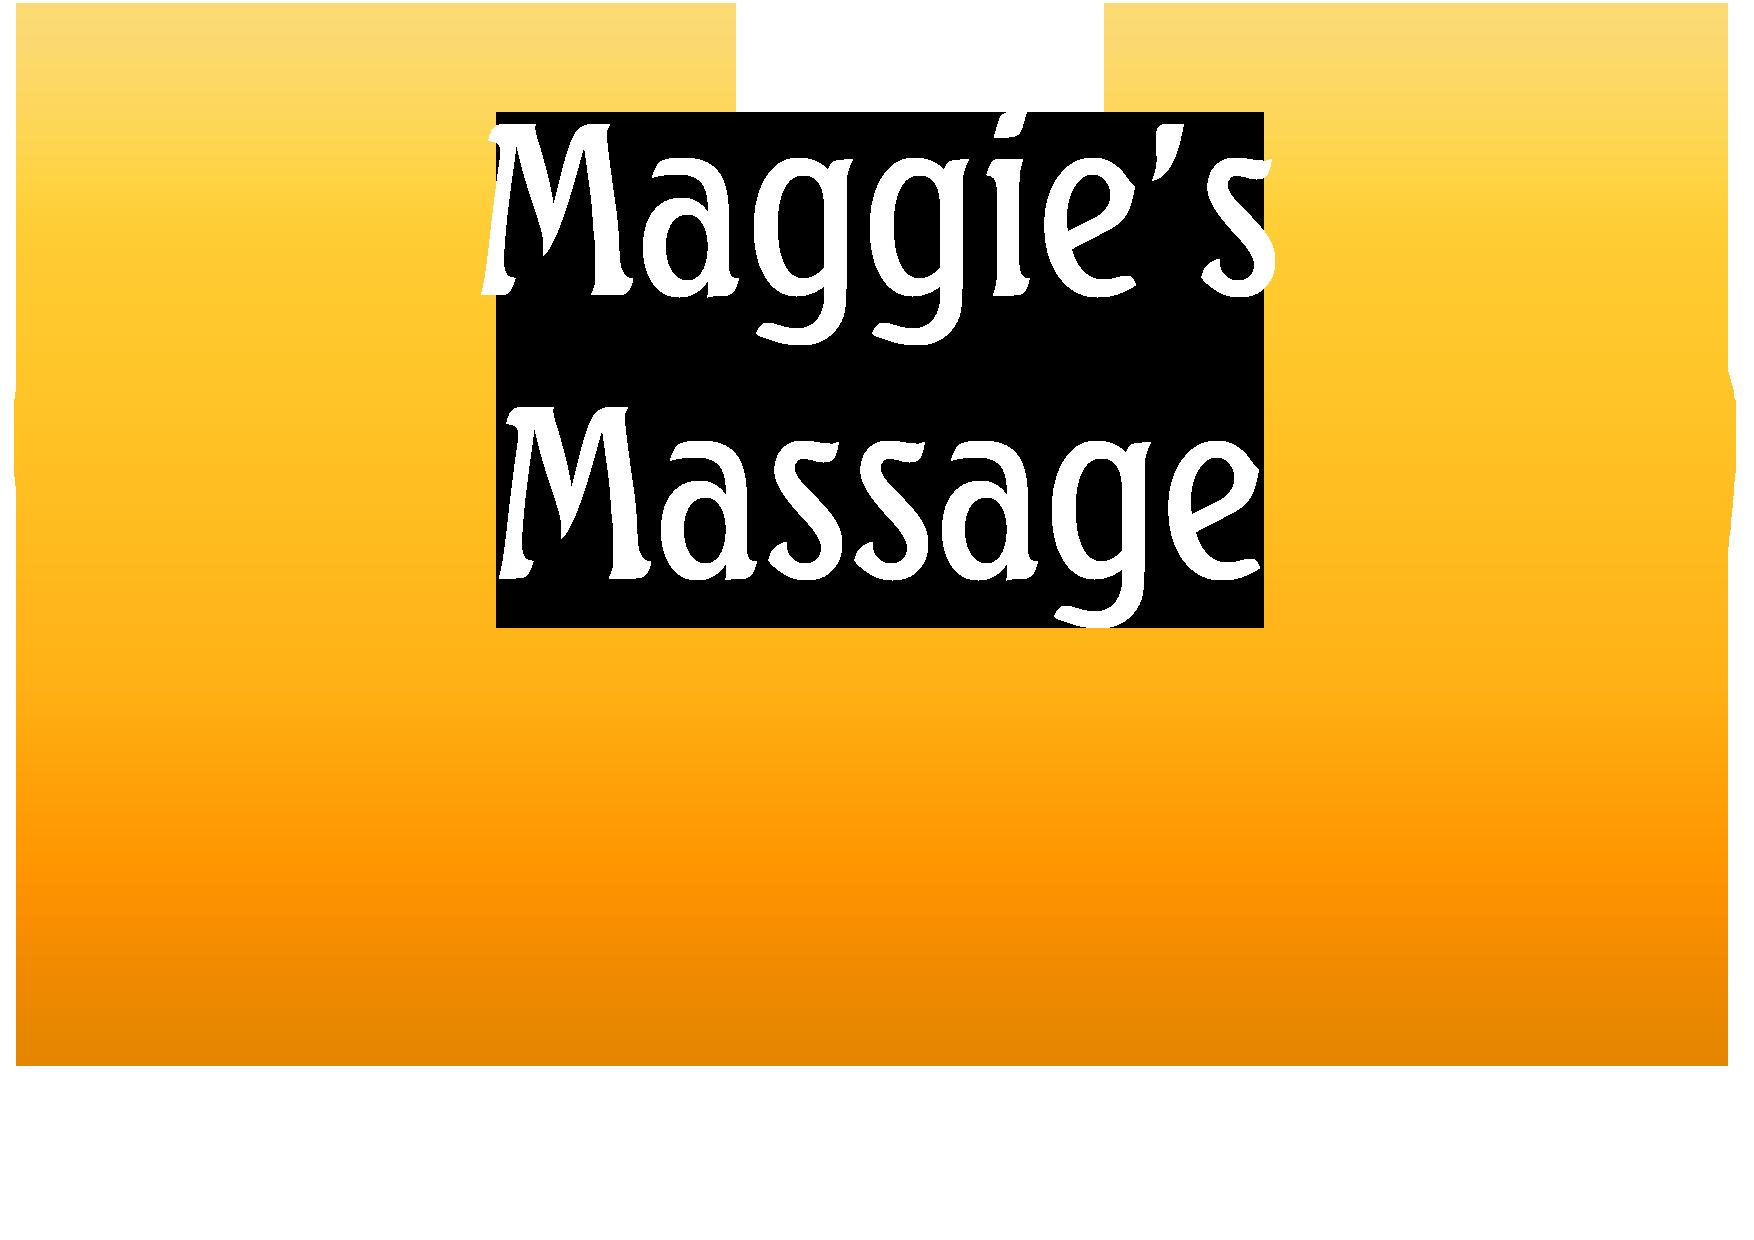 Maggie's Massage